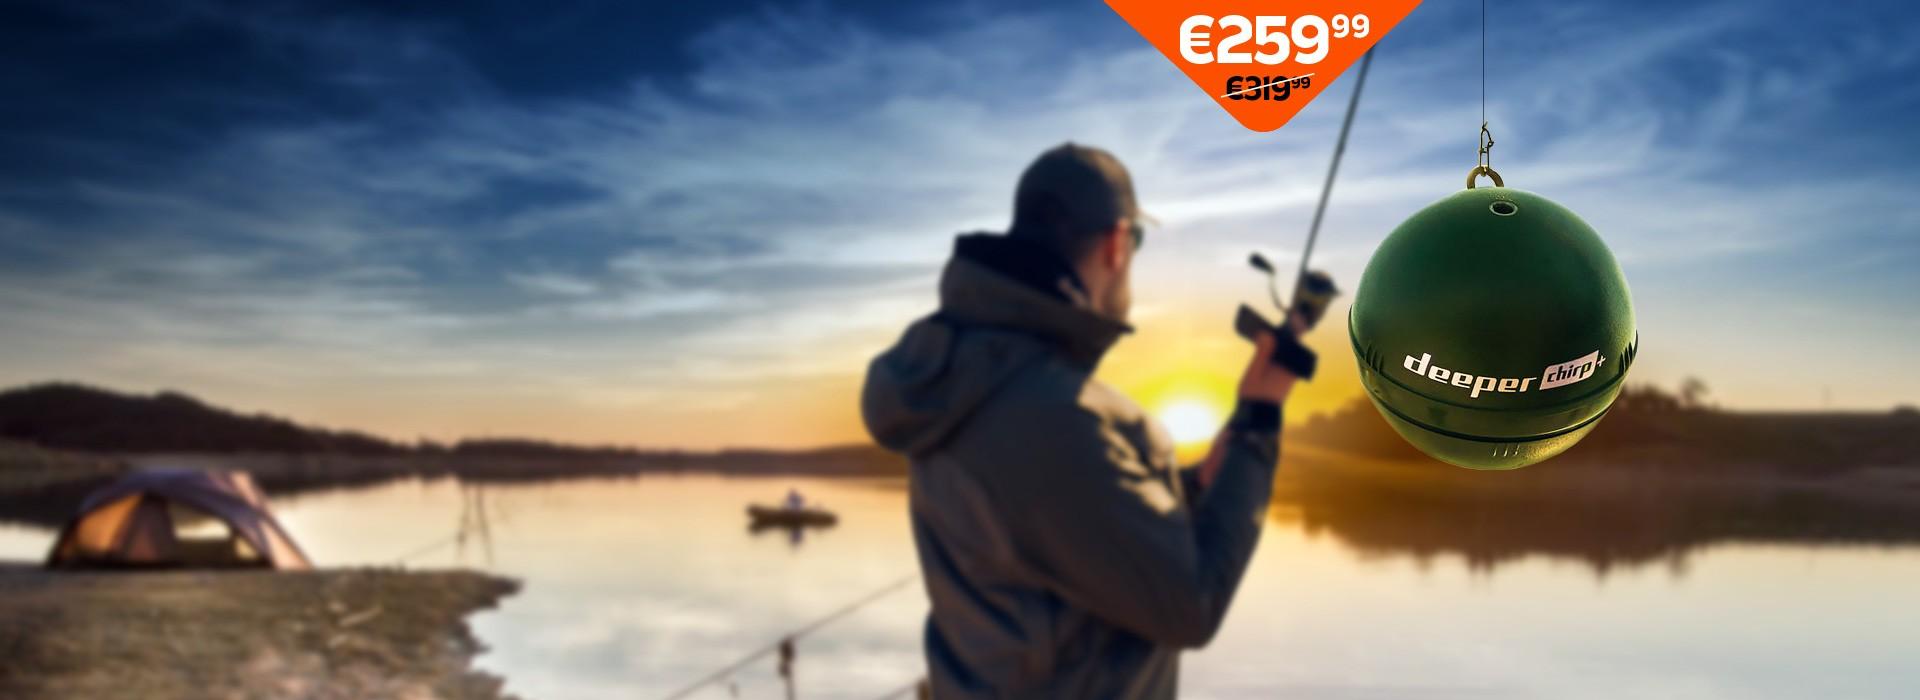 Speciali kaina galioja ribotą laiką!Dabar Deeper CHIRP+ galite įsigyti vos už  €259,99!